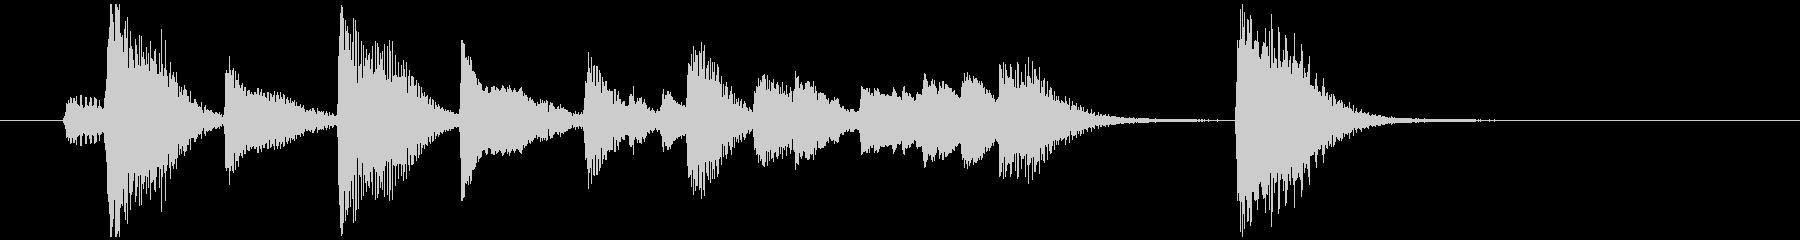 ブルージーなピアノソロジングル グルーヴの未再生の波形